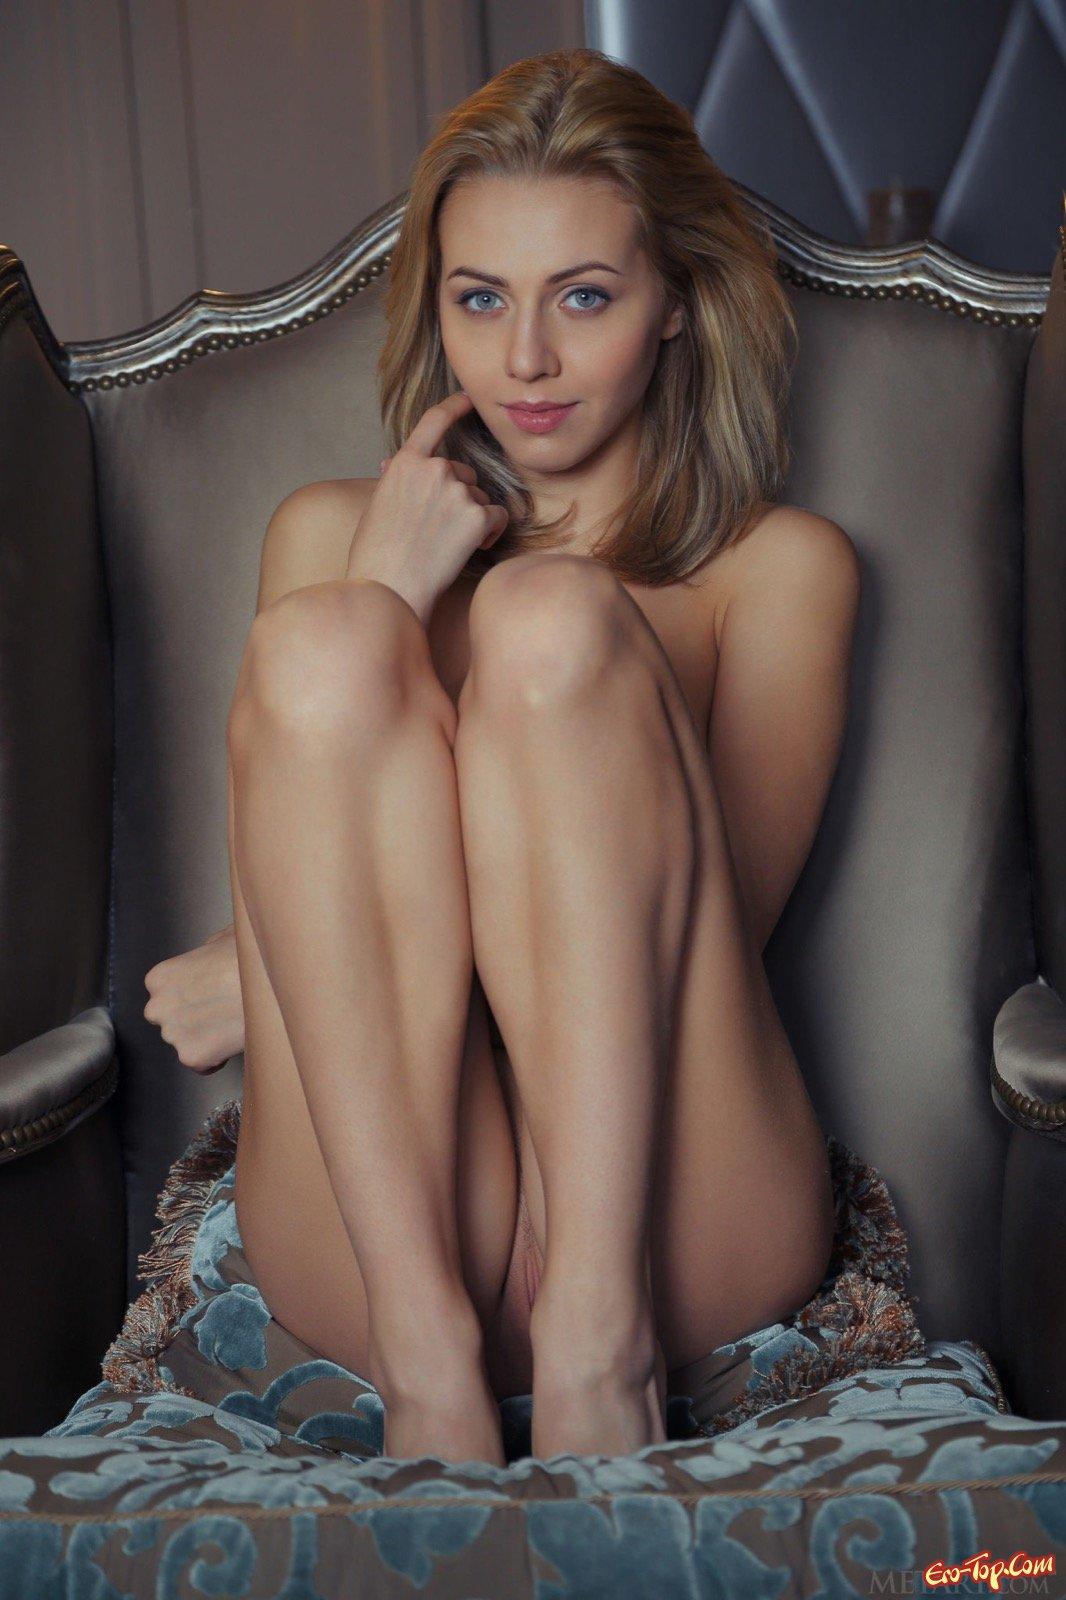 Красивая блондинка показала голую попу раком